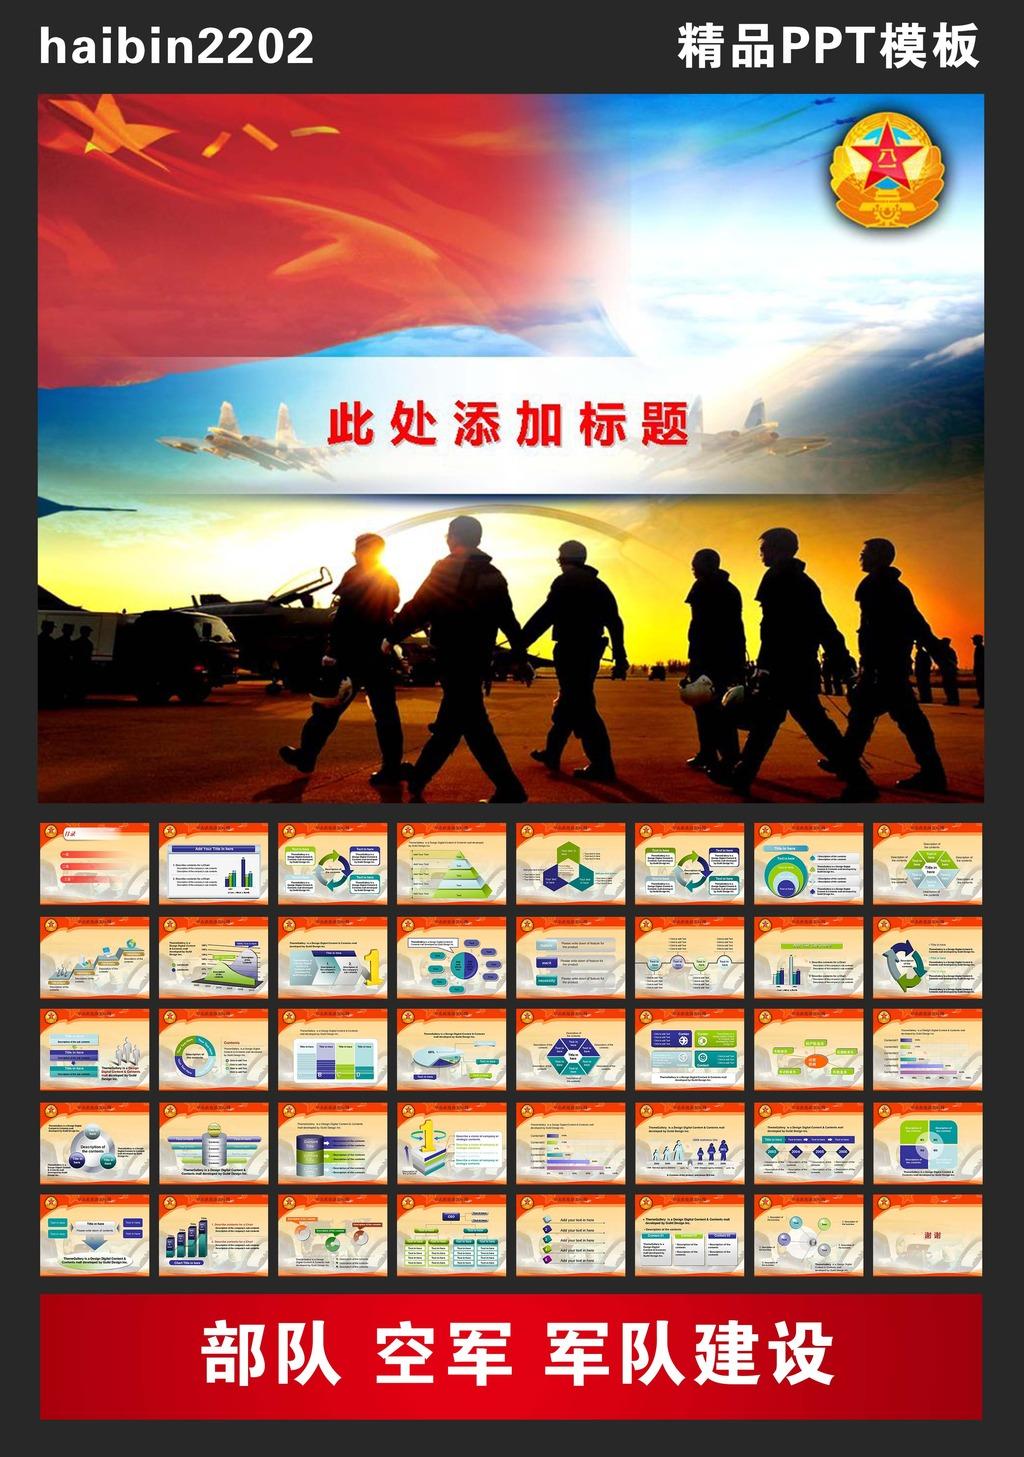 部队空军ppt模板模板下载 部队空军ppt模板图片下载